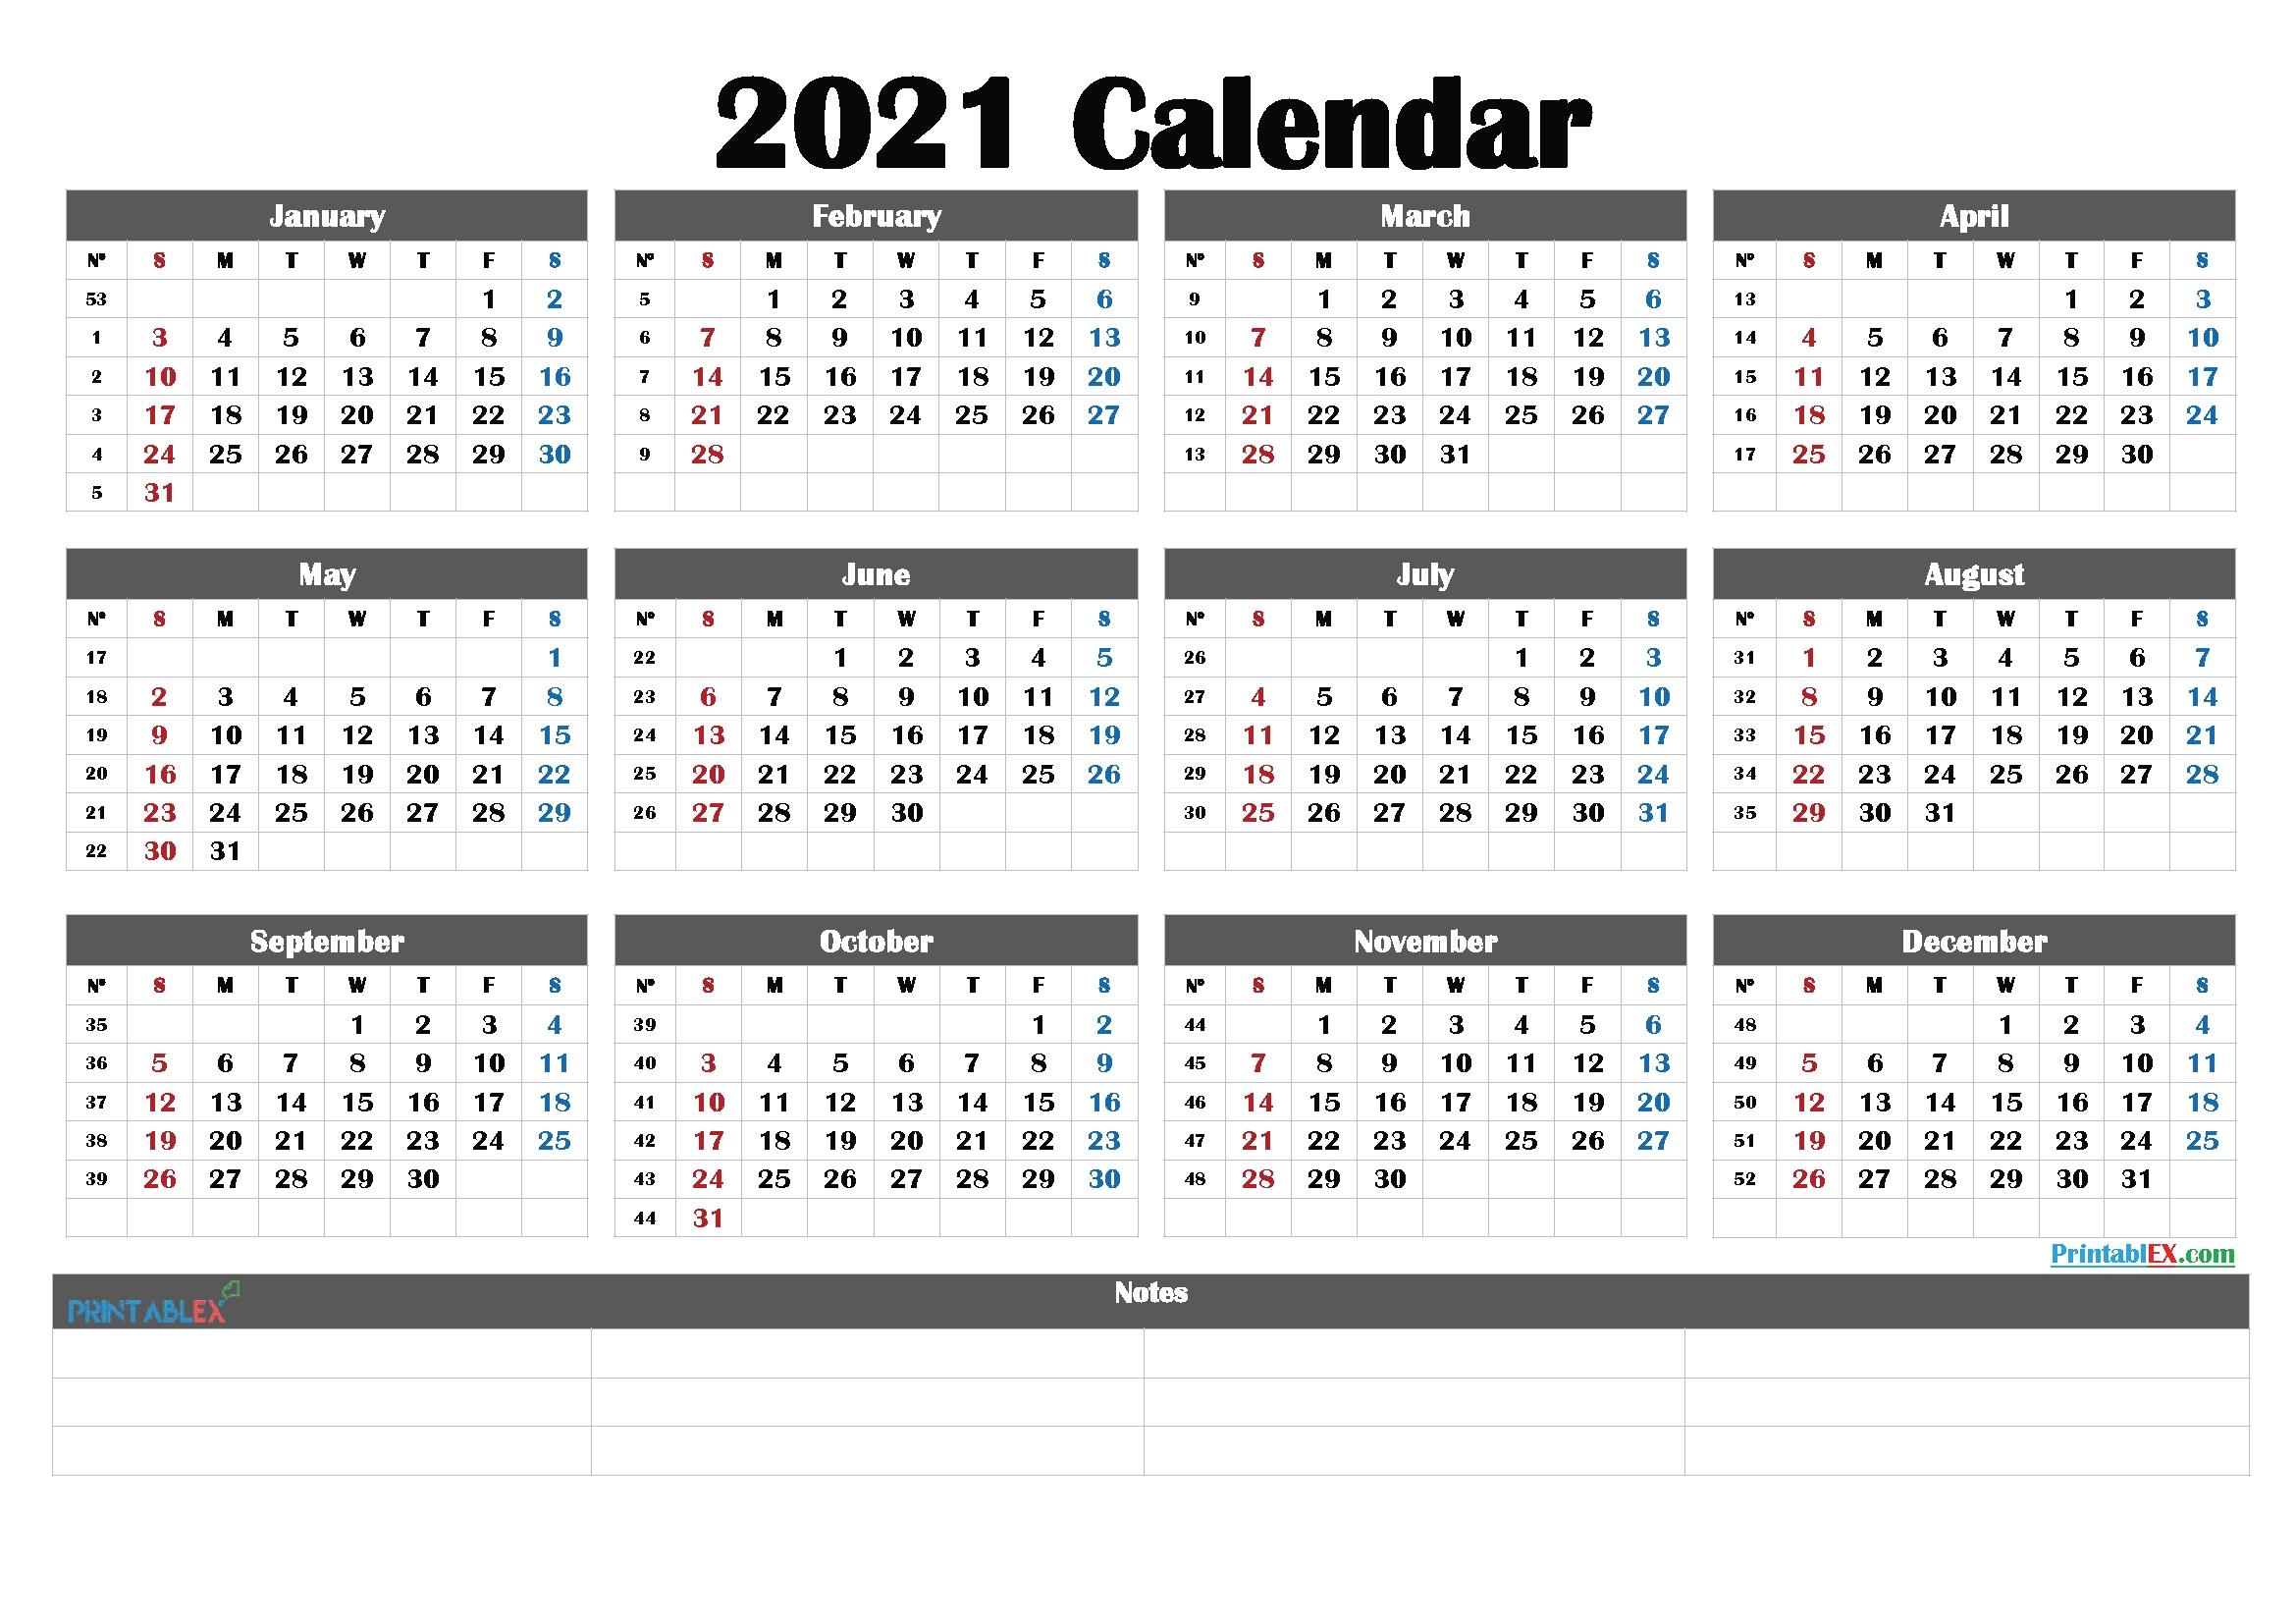 2021 Calendar With Week Numbers Printable – 21Ytw187